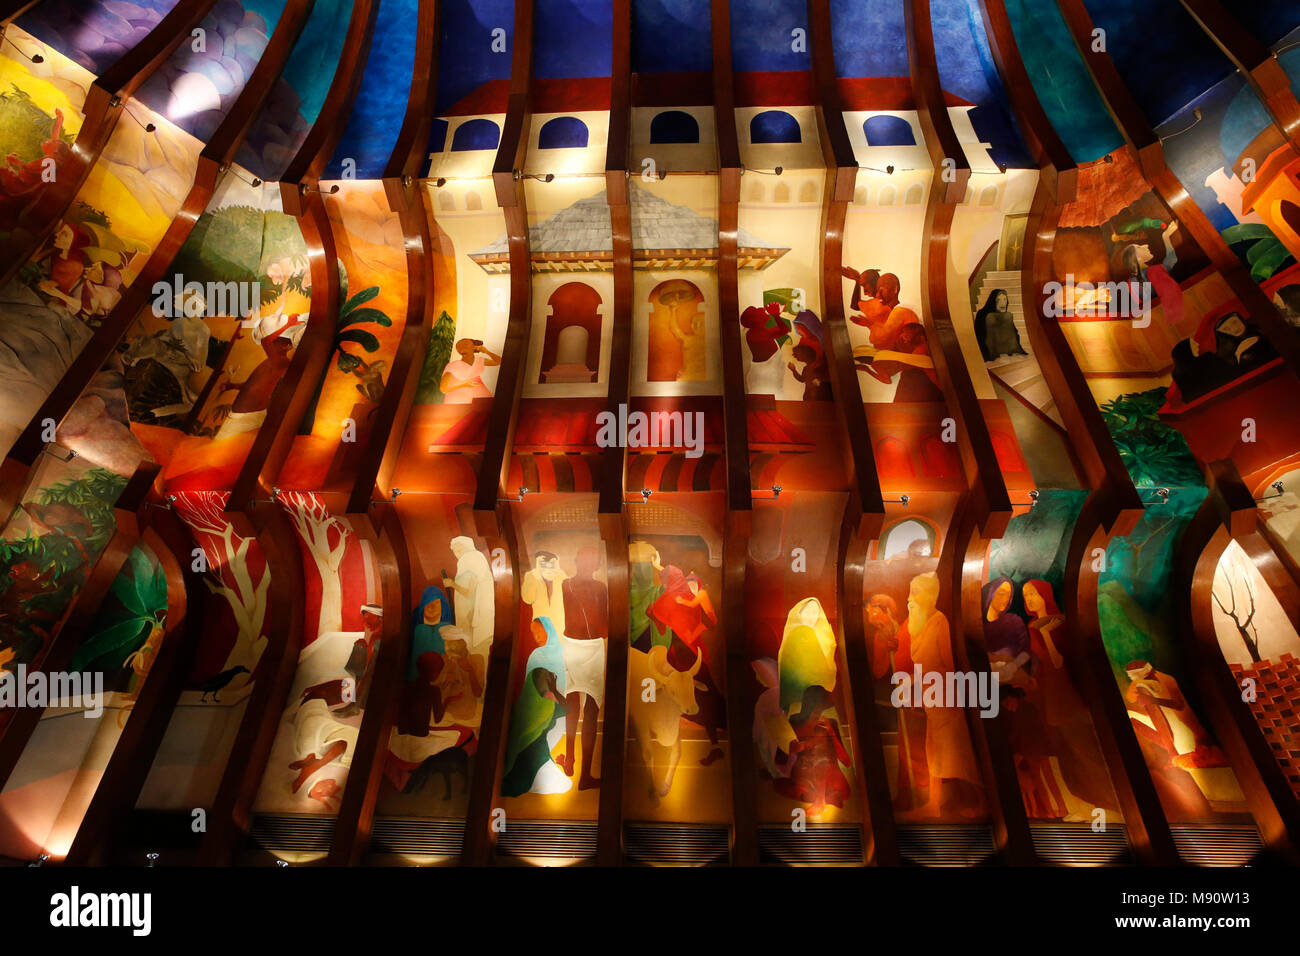 Dekoration der Maurya Hotel, Delhi, Indien. Stockbild